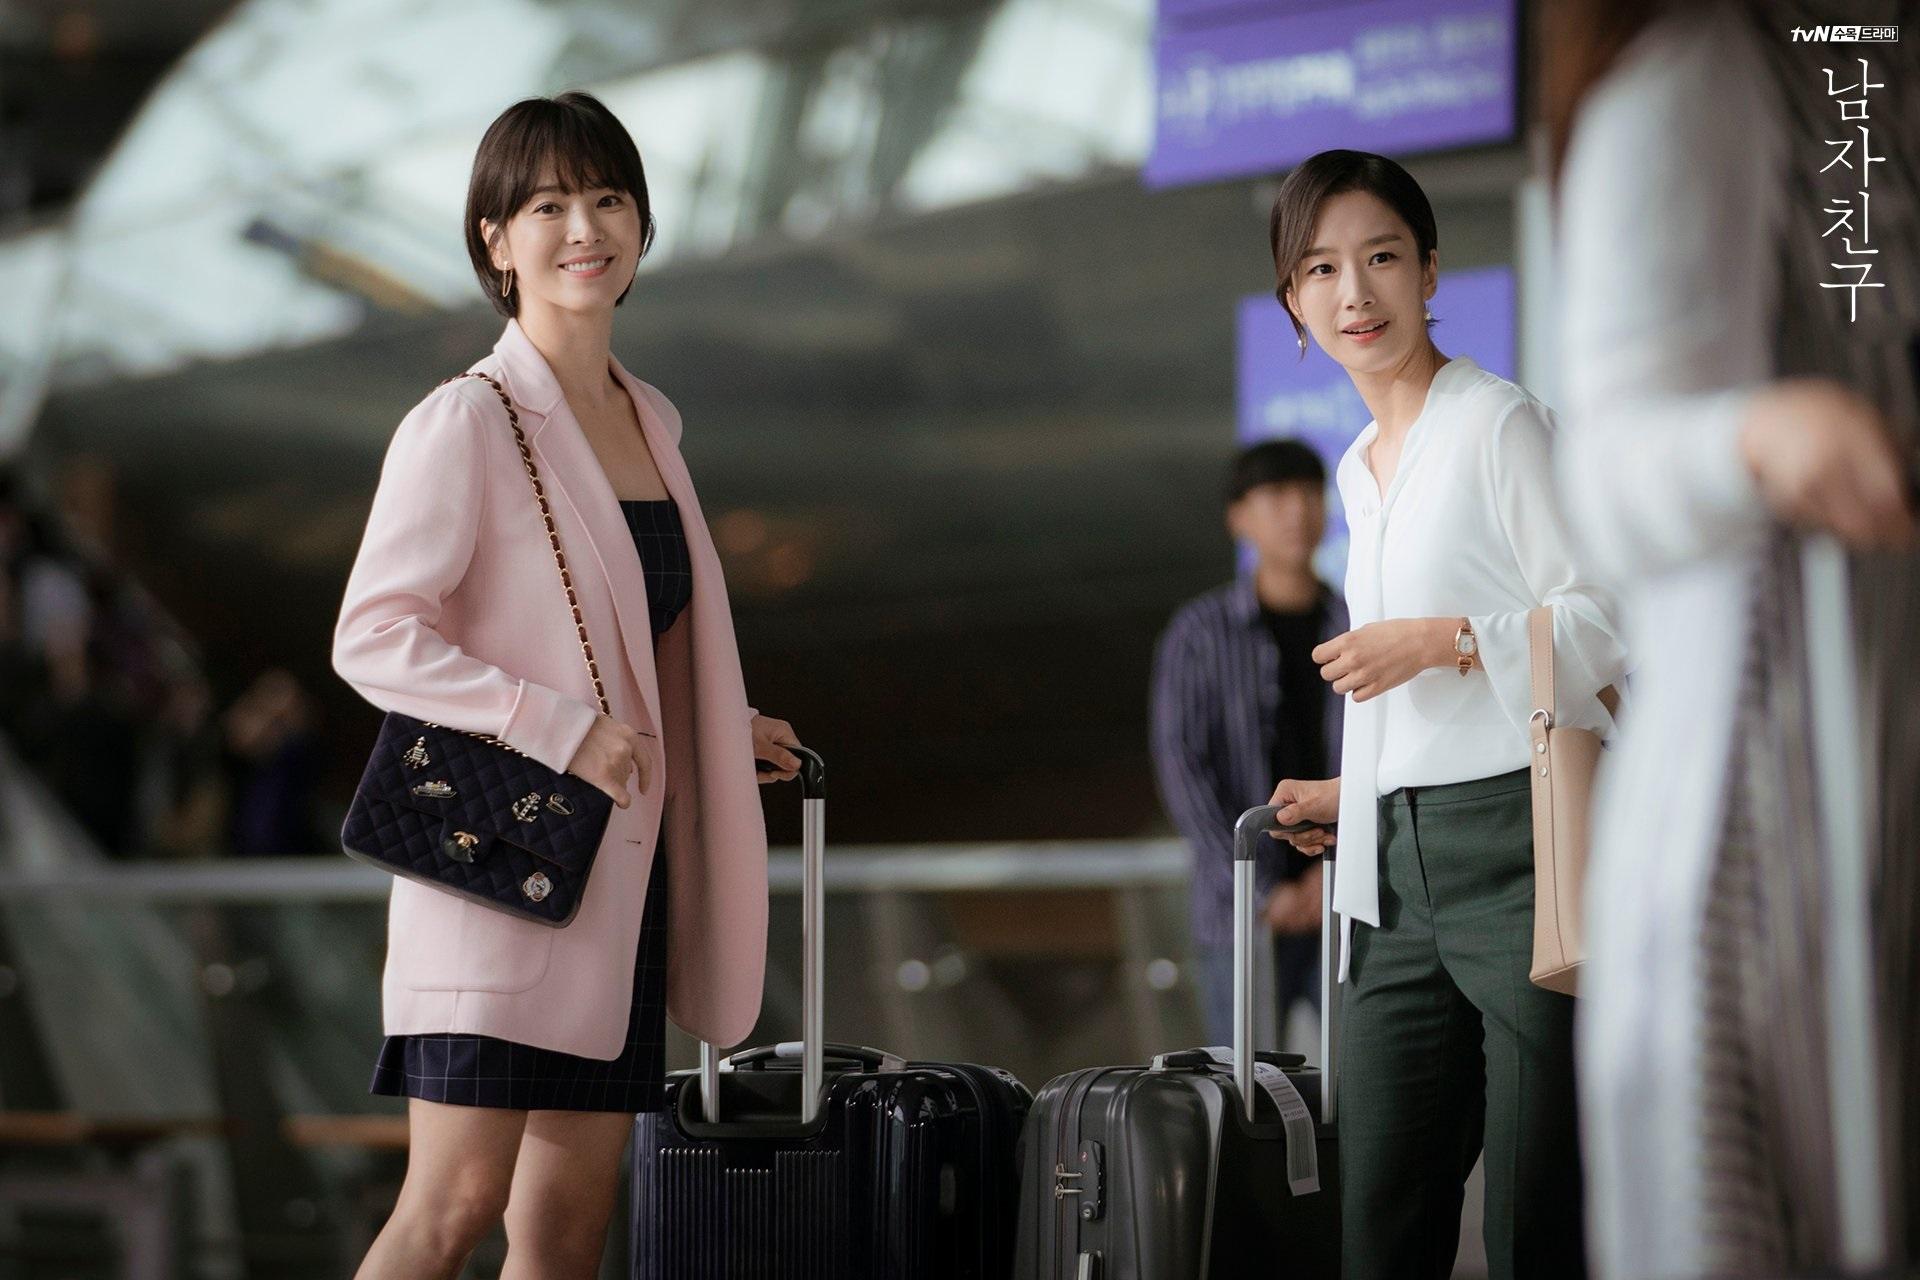 3 kiểu blazer sao Hàn hay diện trong phim, đã đẹp tinh tế còn không bao giờ lỗi mốt, nàng công sở rất nên học theo - Ảnh 2.